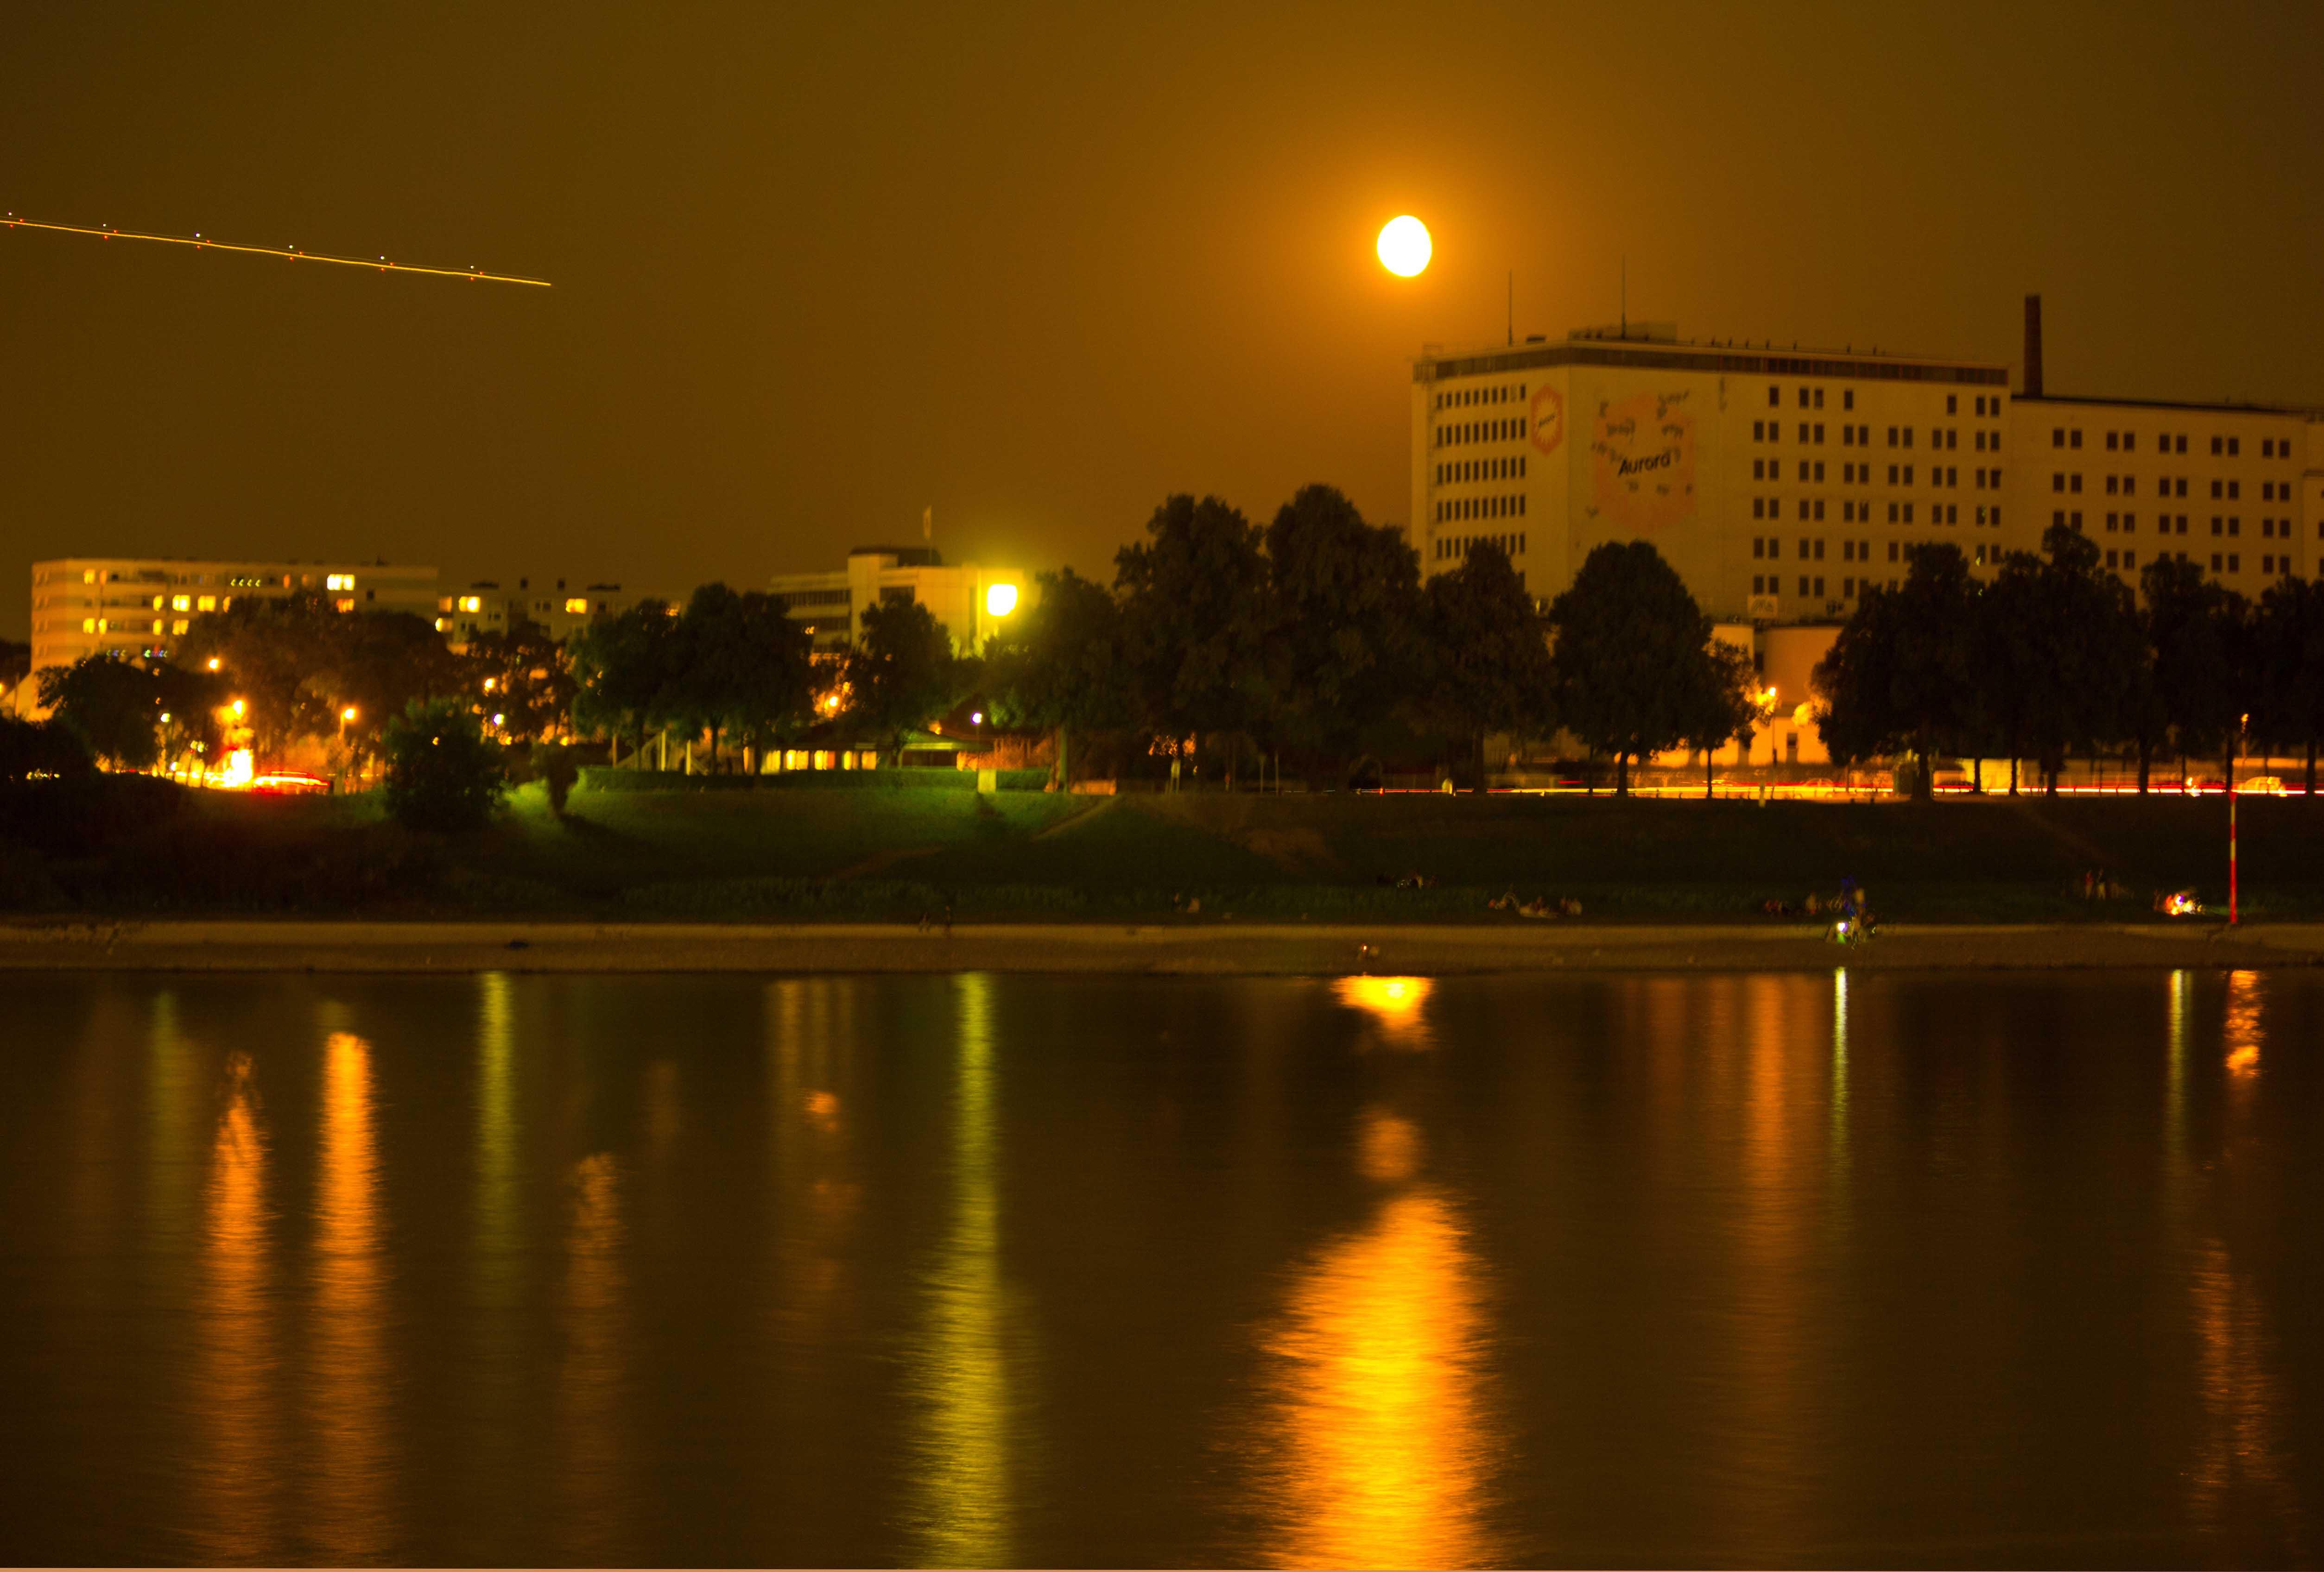 FFC Nachtfotografie Rheinauhafen 230813 130 bearbeitet